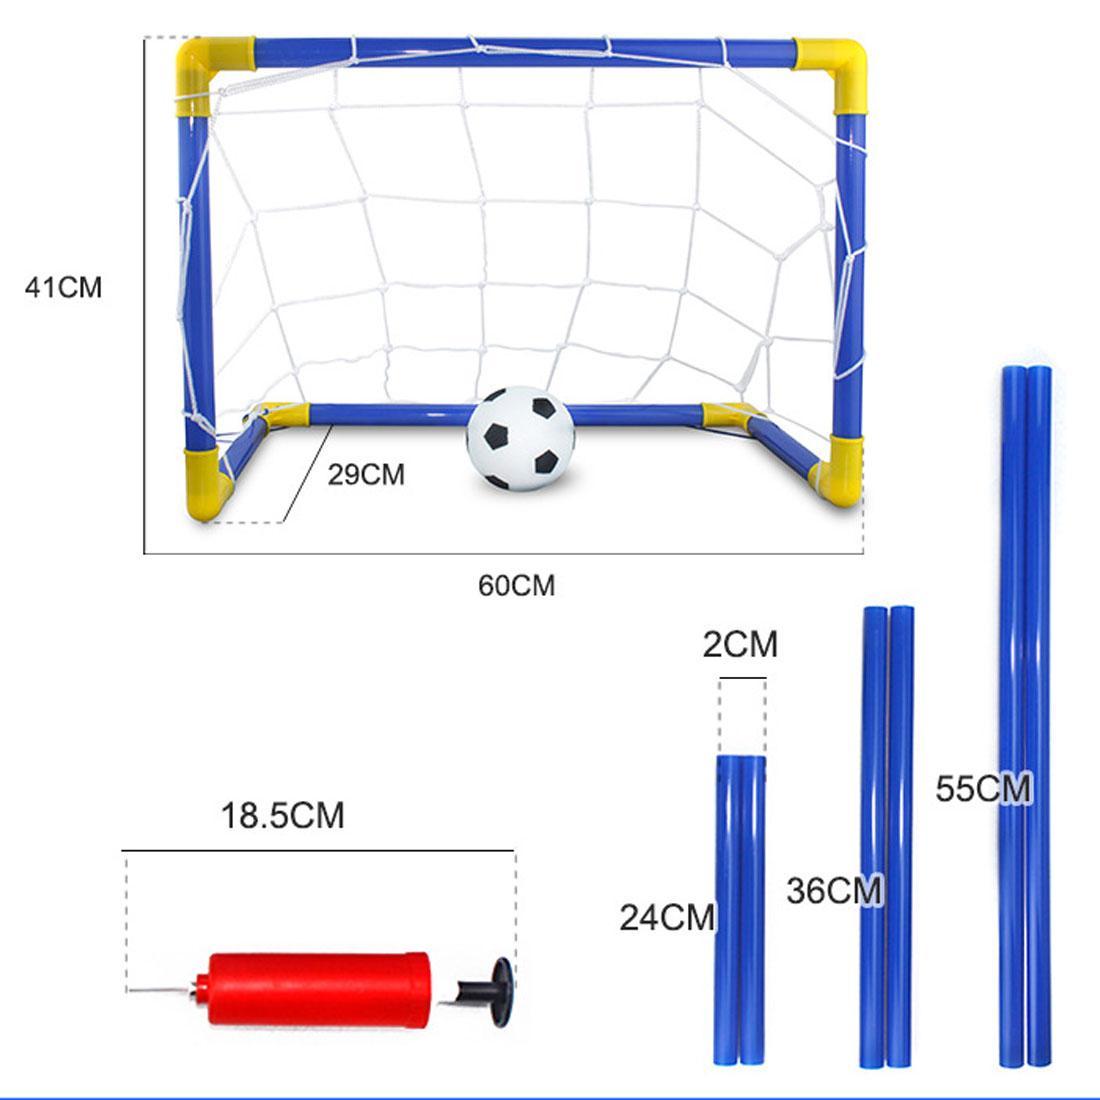 새로운 1 세트 어린이 스포츠 축구 목표 축구 공 및 펌프 야외 스포츠 연습 Scrimmage 게임 분리 가능한 축구 게이트